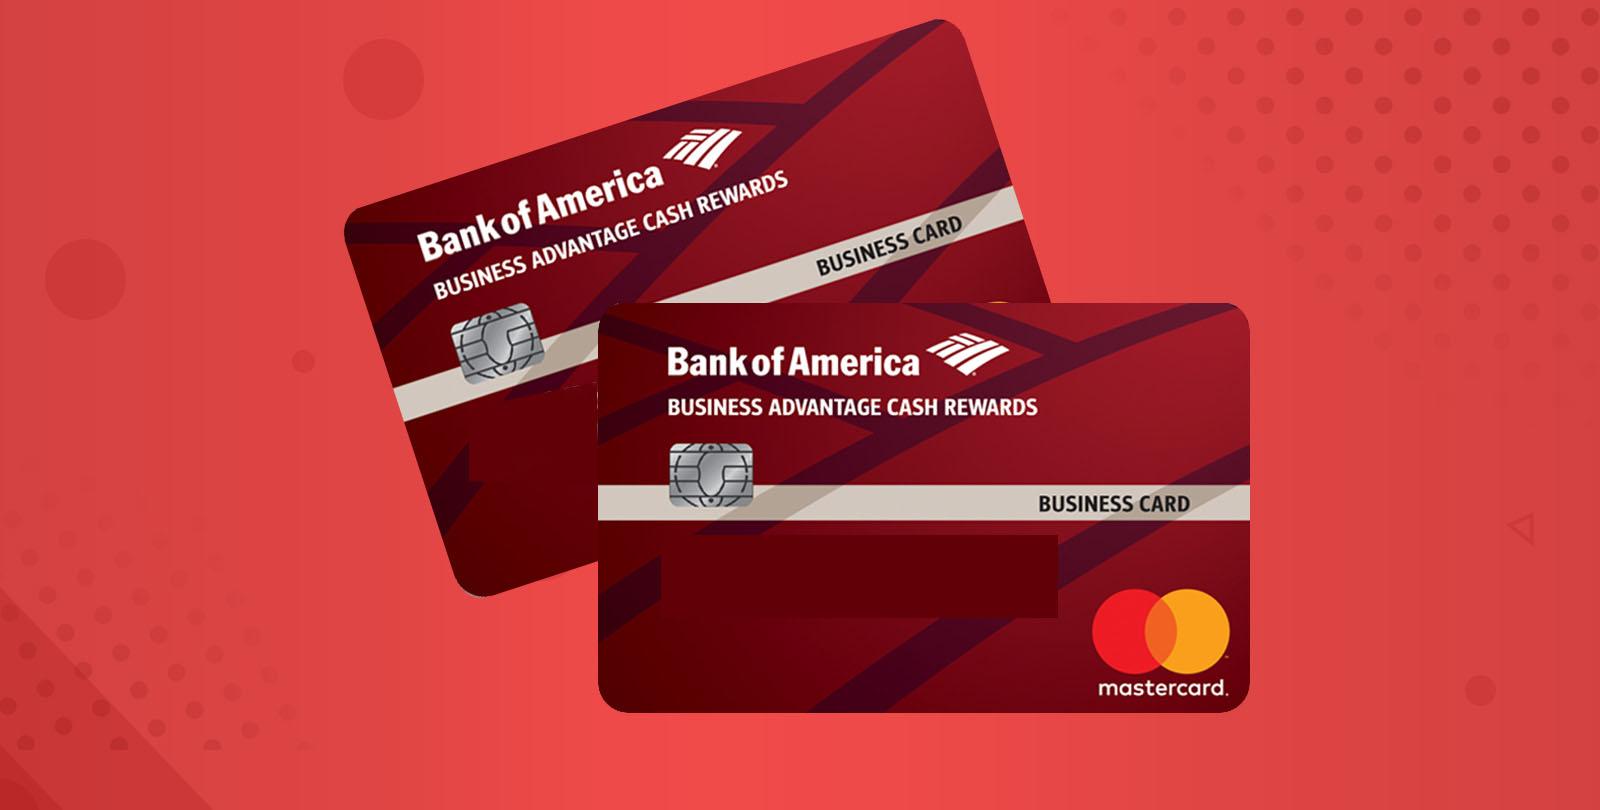 Business Advantage Cash Rewards card